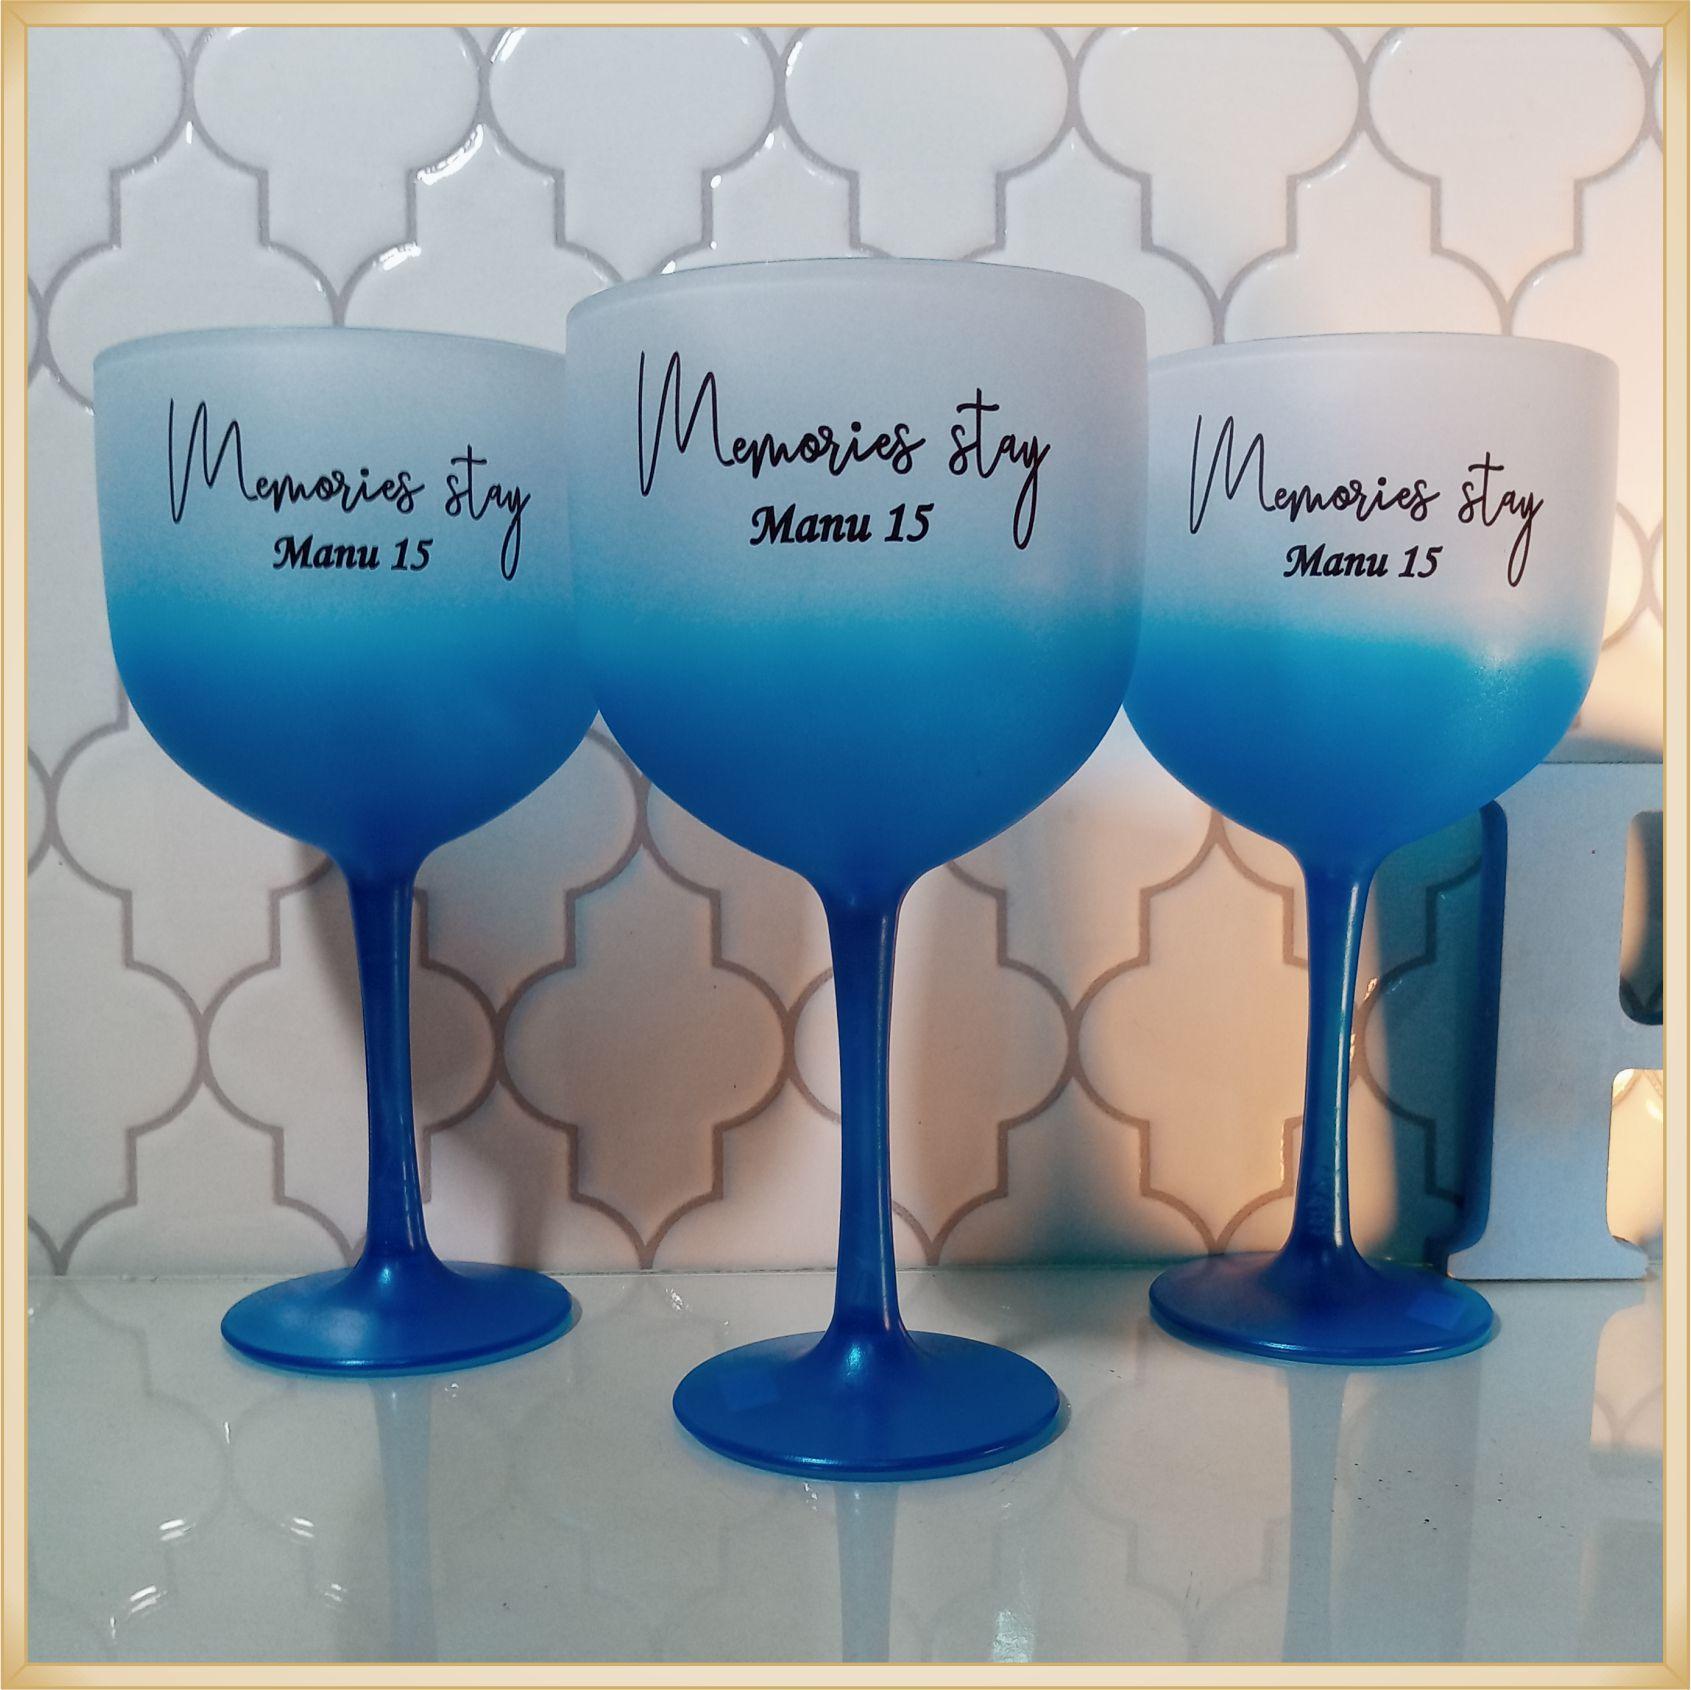 Taças de gin degrade personalizadas aniversário - alta qualidade, brilhante, ótimo acabamento, parede de 2,5mm, material atóxico, 580 ml - kit 10 unidades